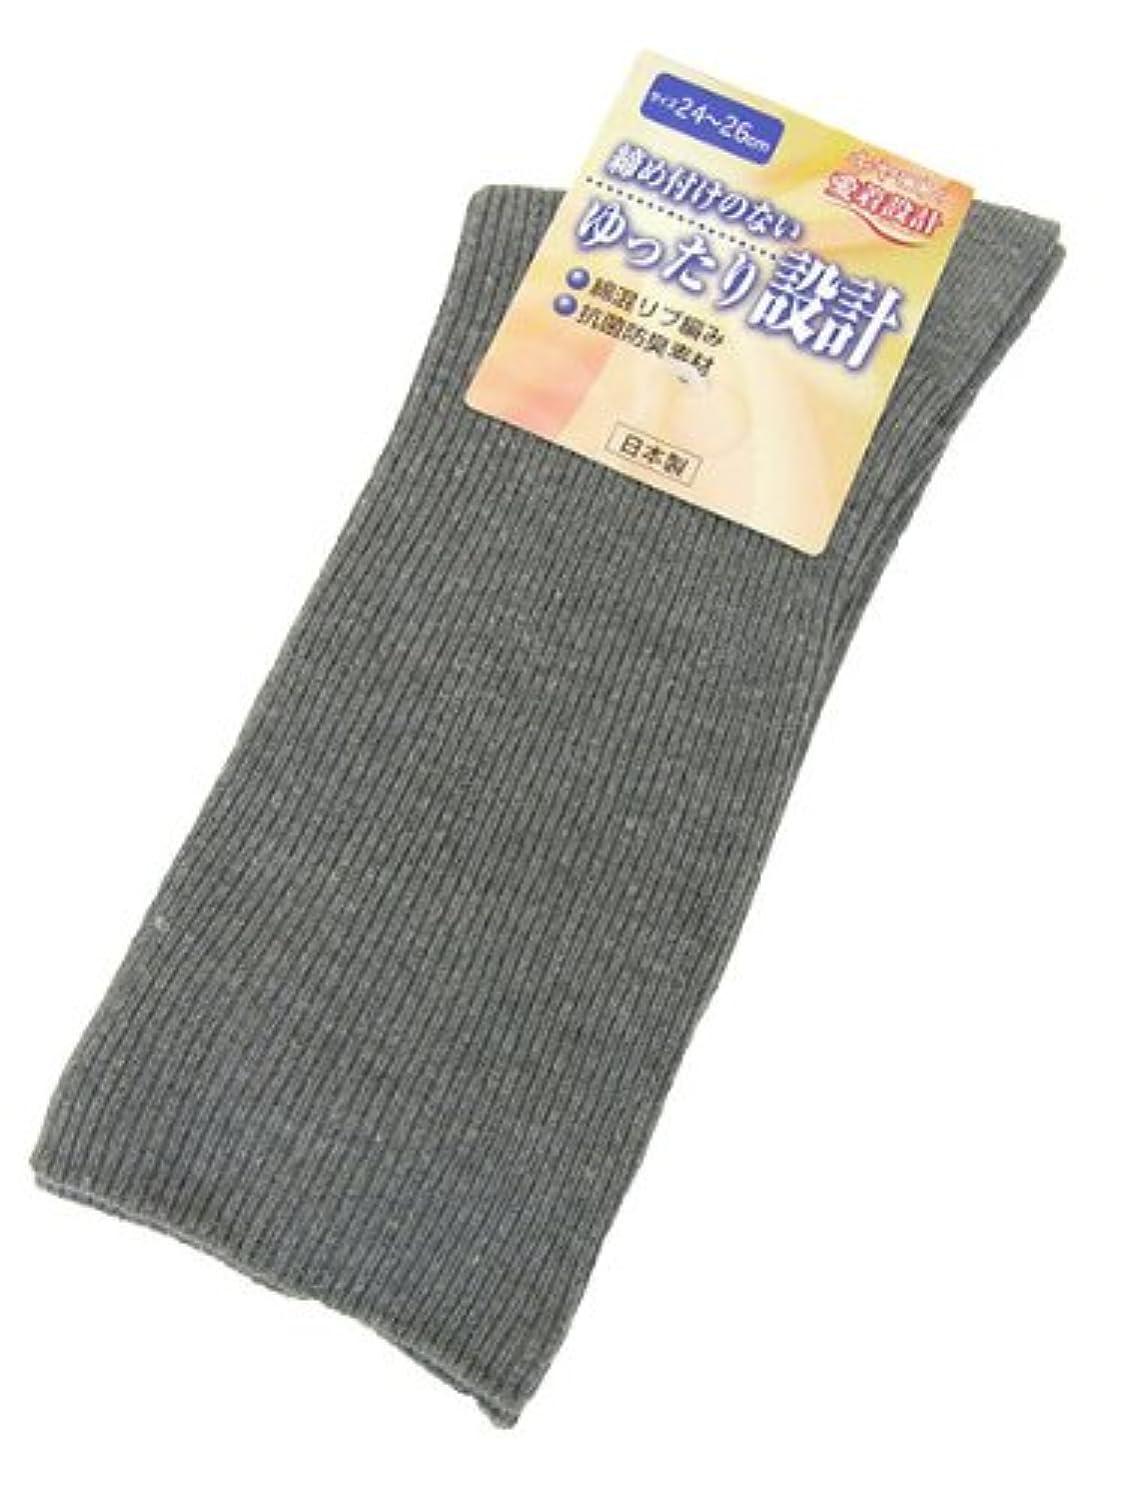 そよ風シャトル弾薬ゆったり設計ソックス綿混リブ 紳士用 グレー